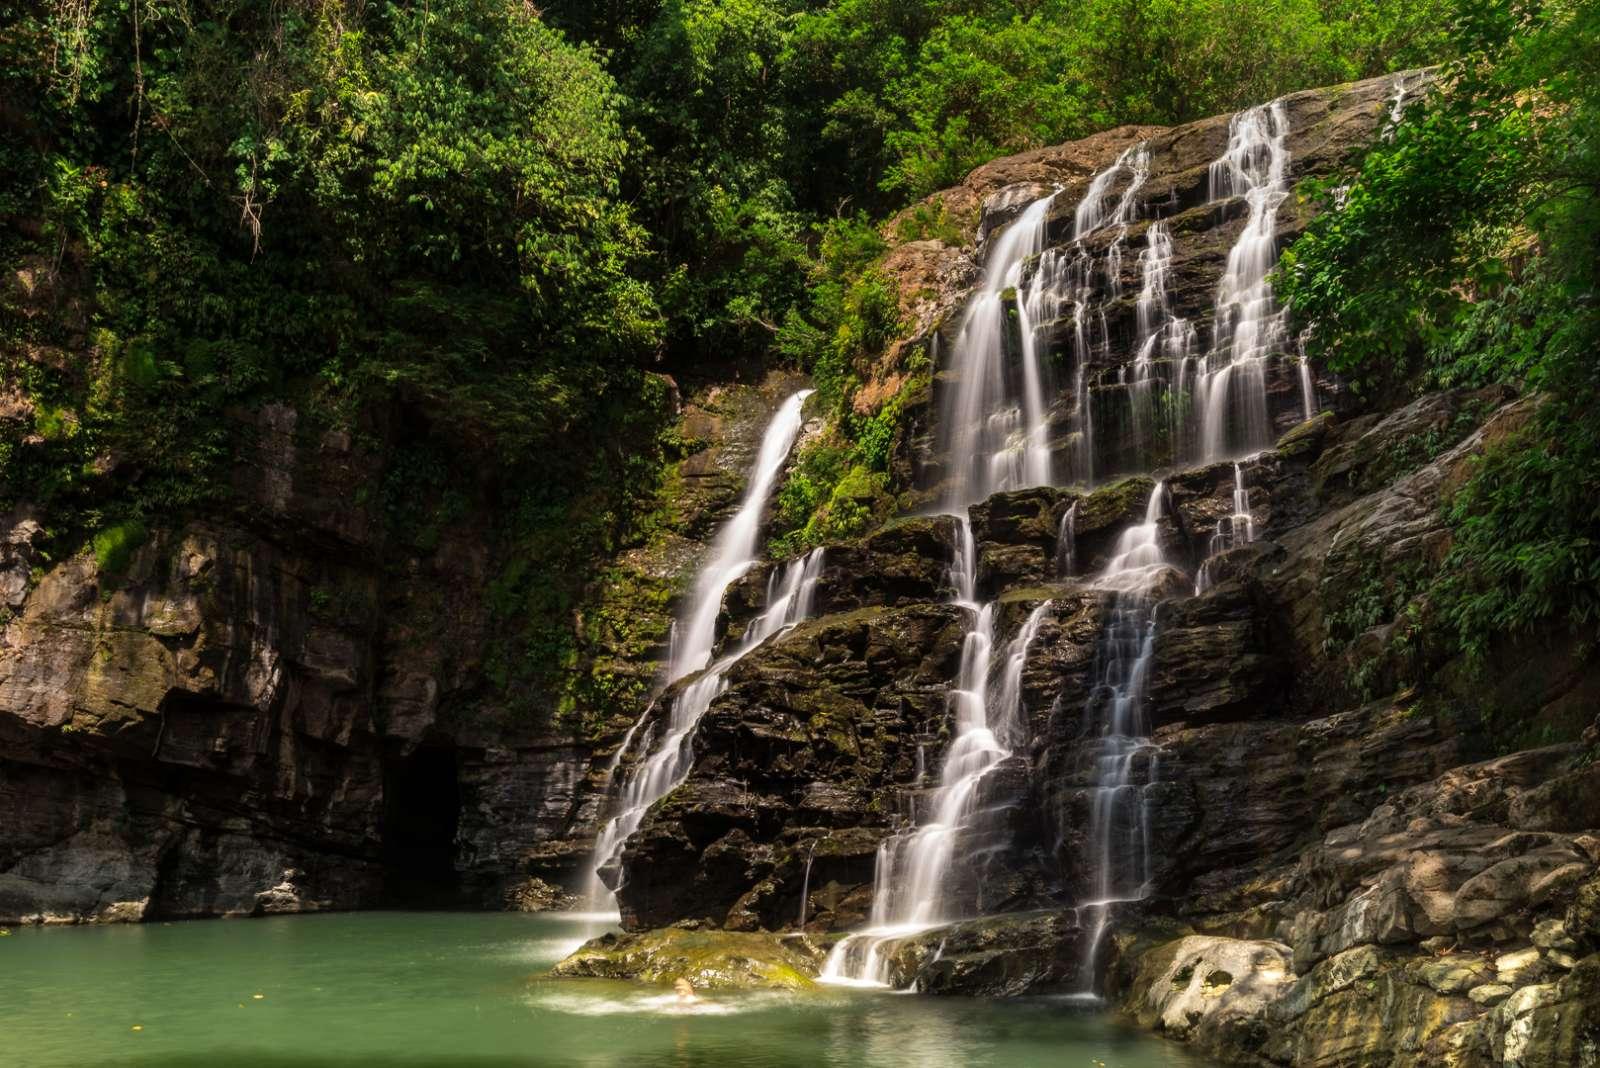 Una semana fotografiando Costa Rica 1